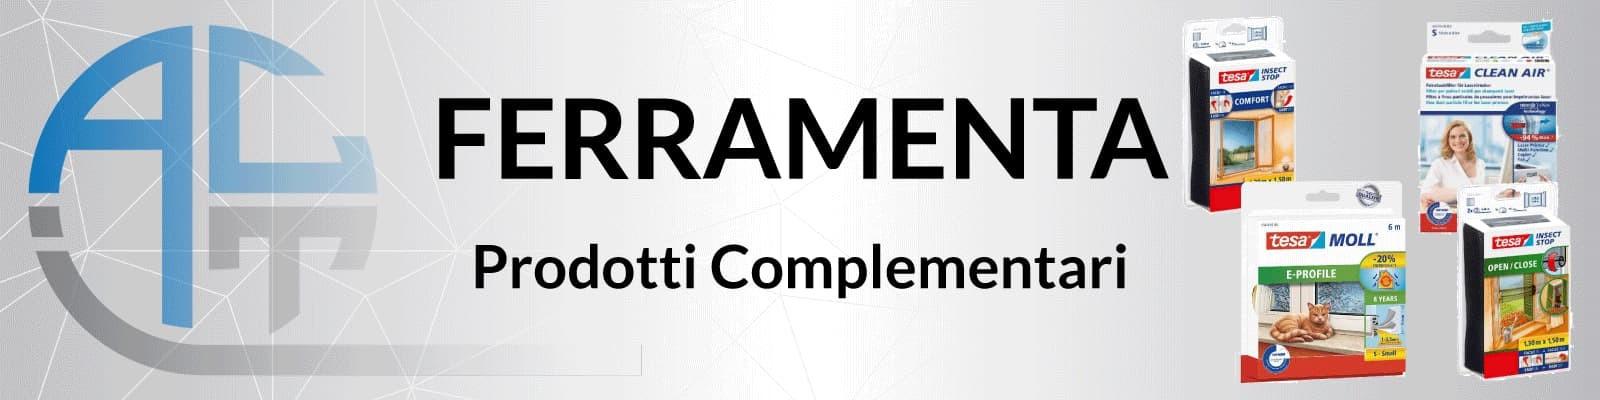 Prodotti complementari per ferramenta